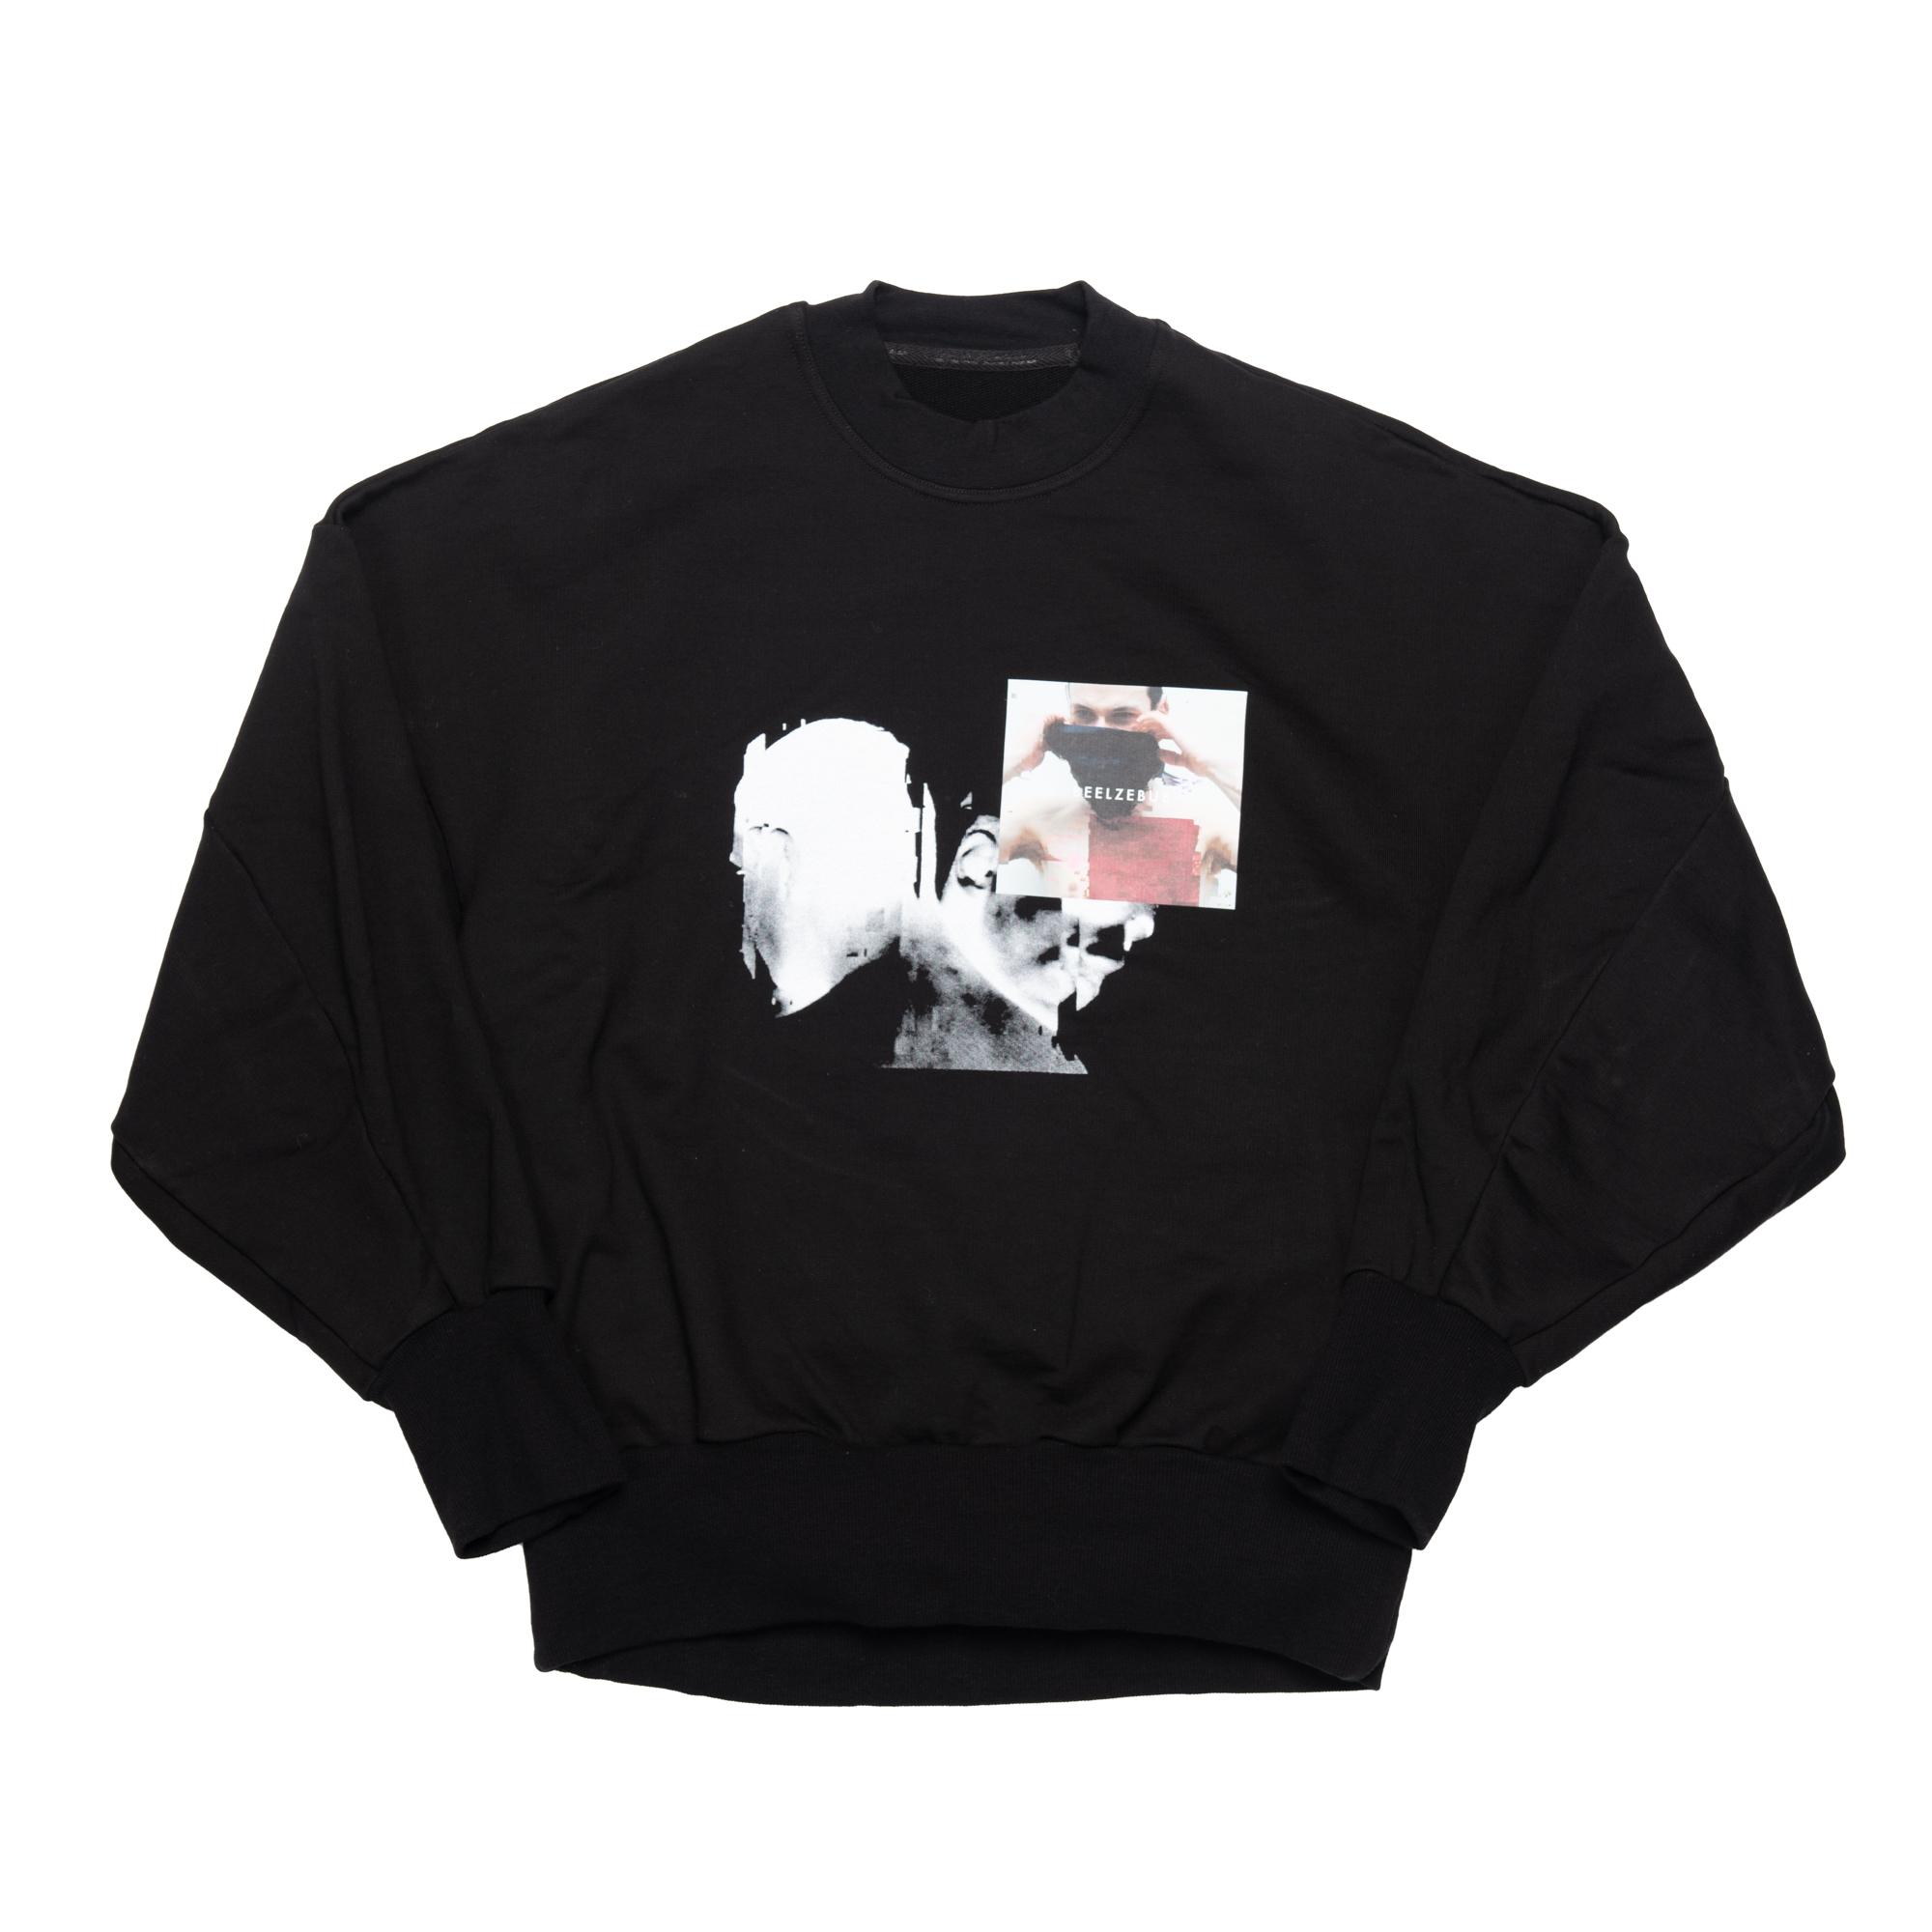 658CPM1-BLACK / プリントシームドスリーブ スウェットシャツ